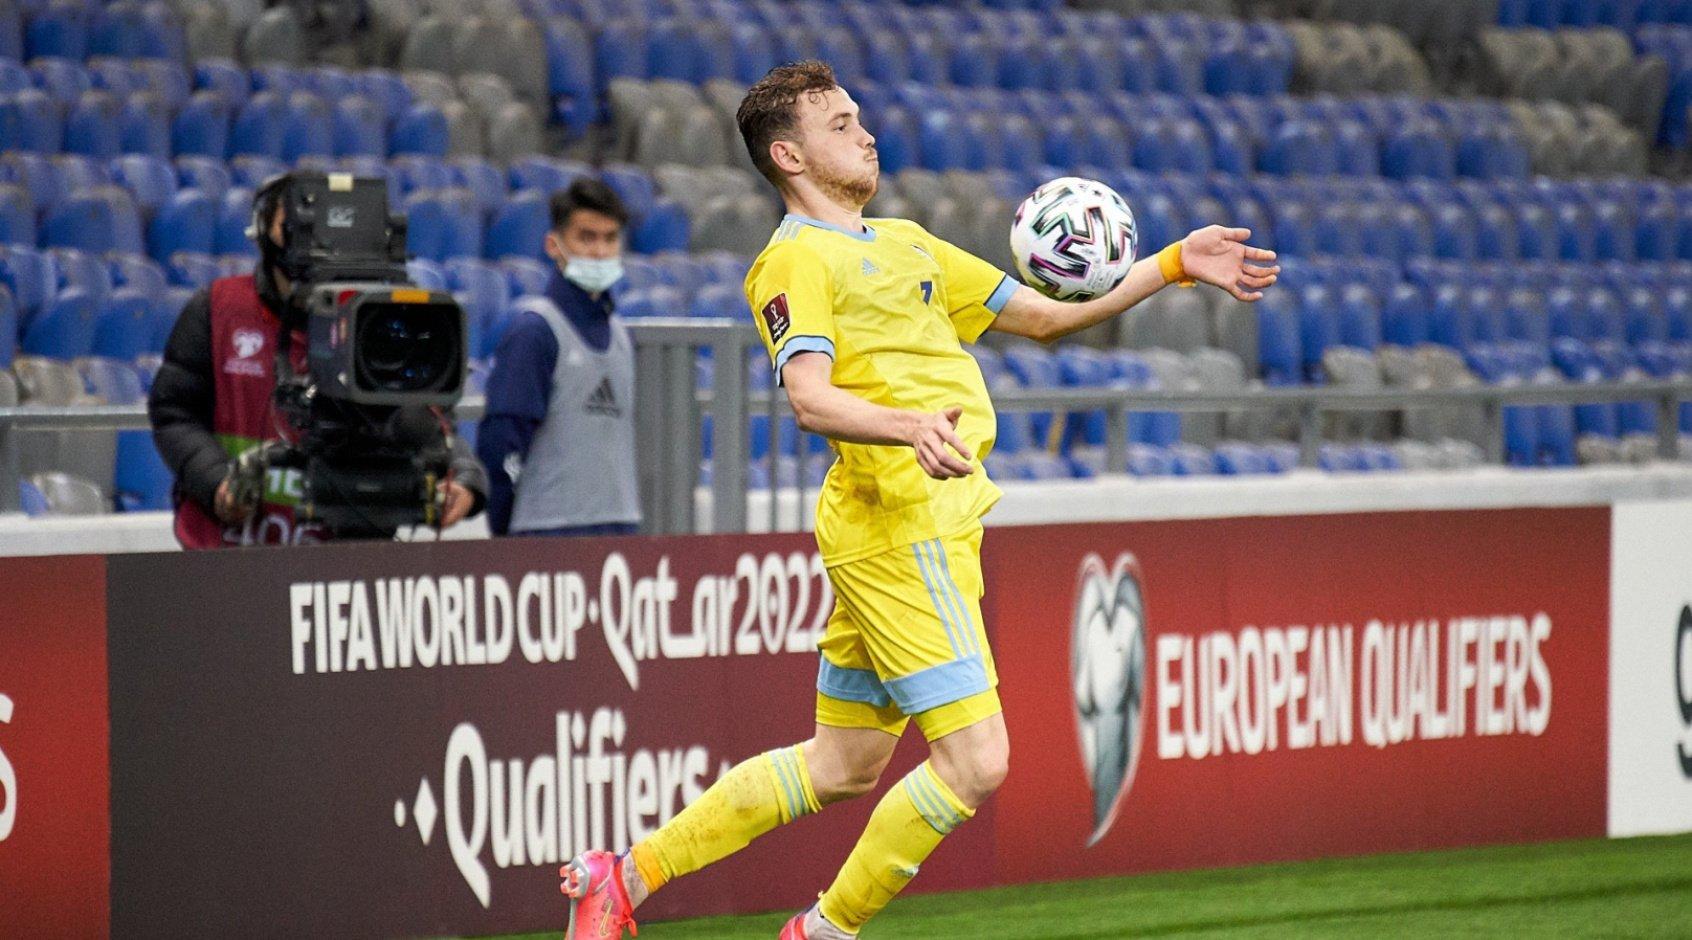 УЕФА возбудил дело против защитника Казахстана Валиуллина. Он забил 2 гола Украине